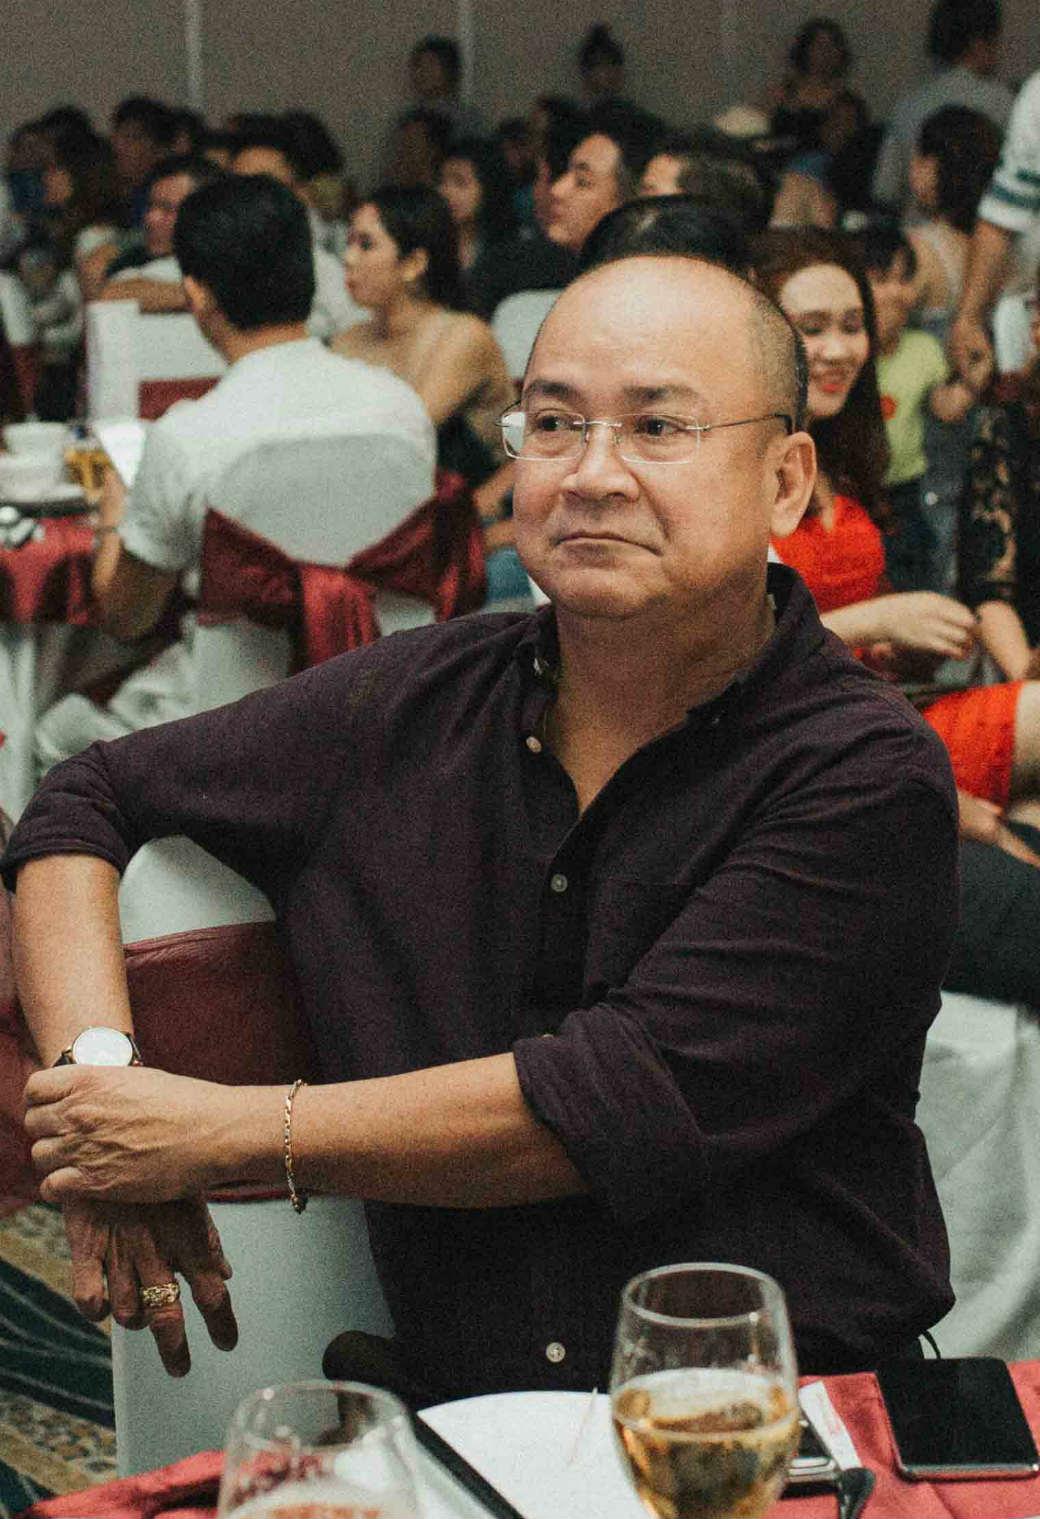 Nghệ sĩ cải lương đình đám Vũ Linh tái ngộ Thoại Mỹ trong đám cưới cháu gái - Ảnh 11